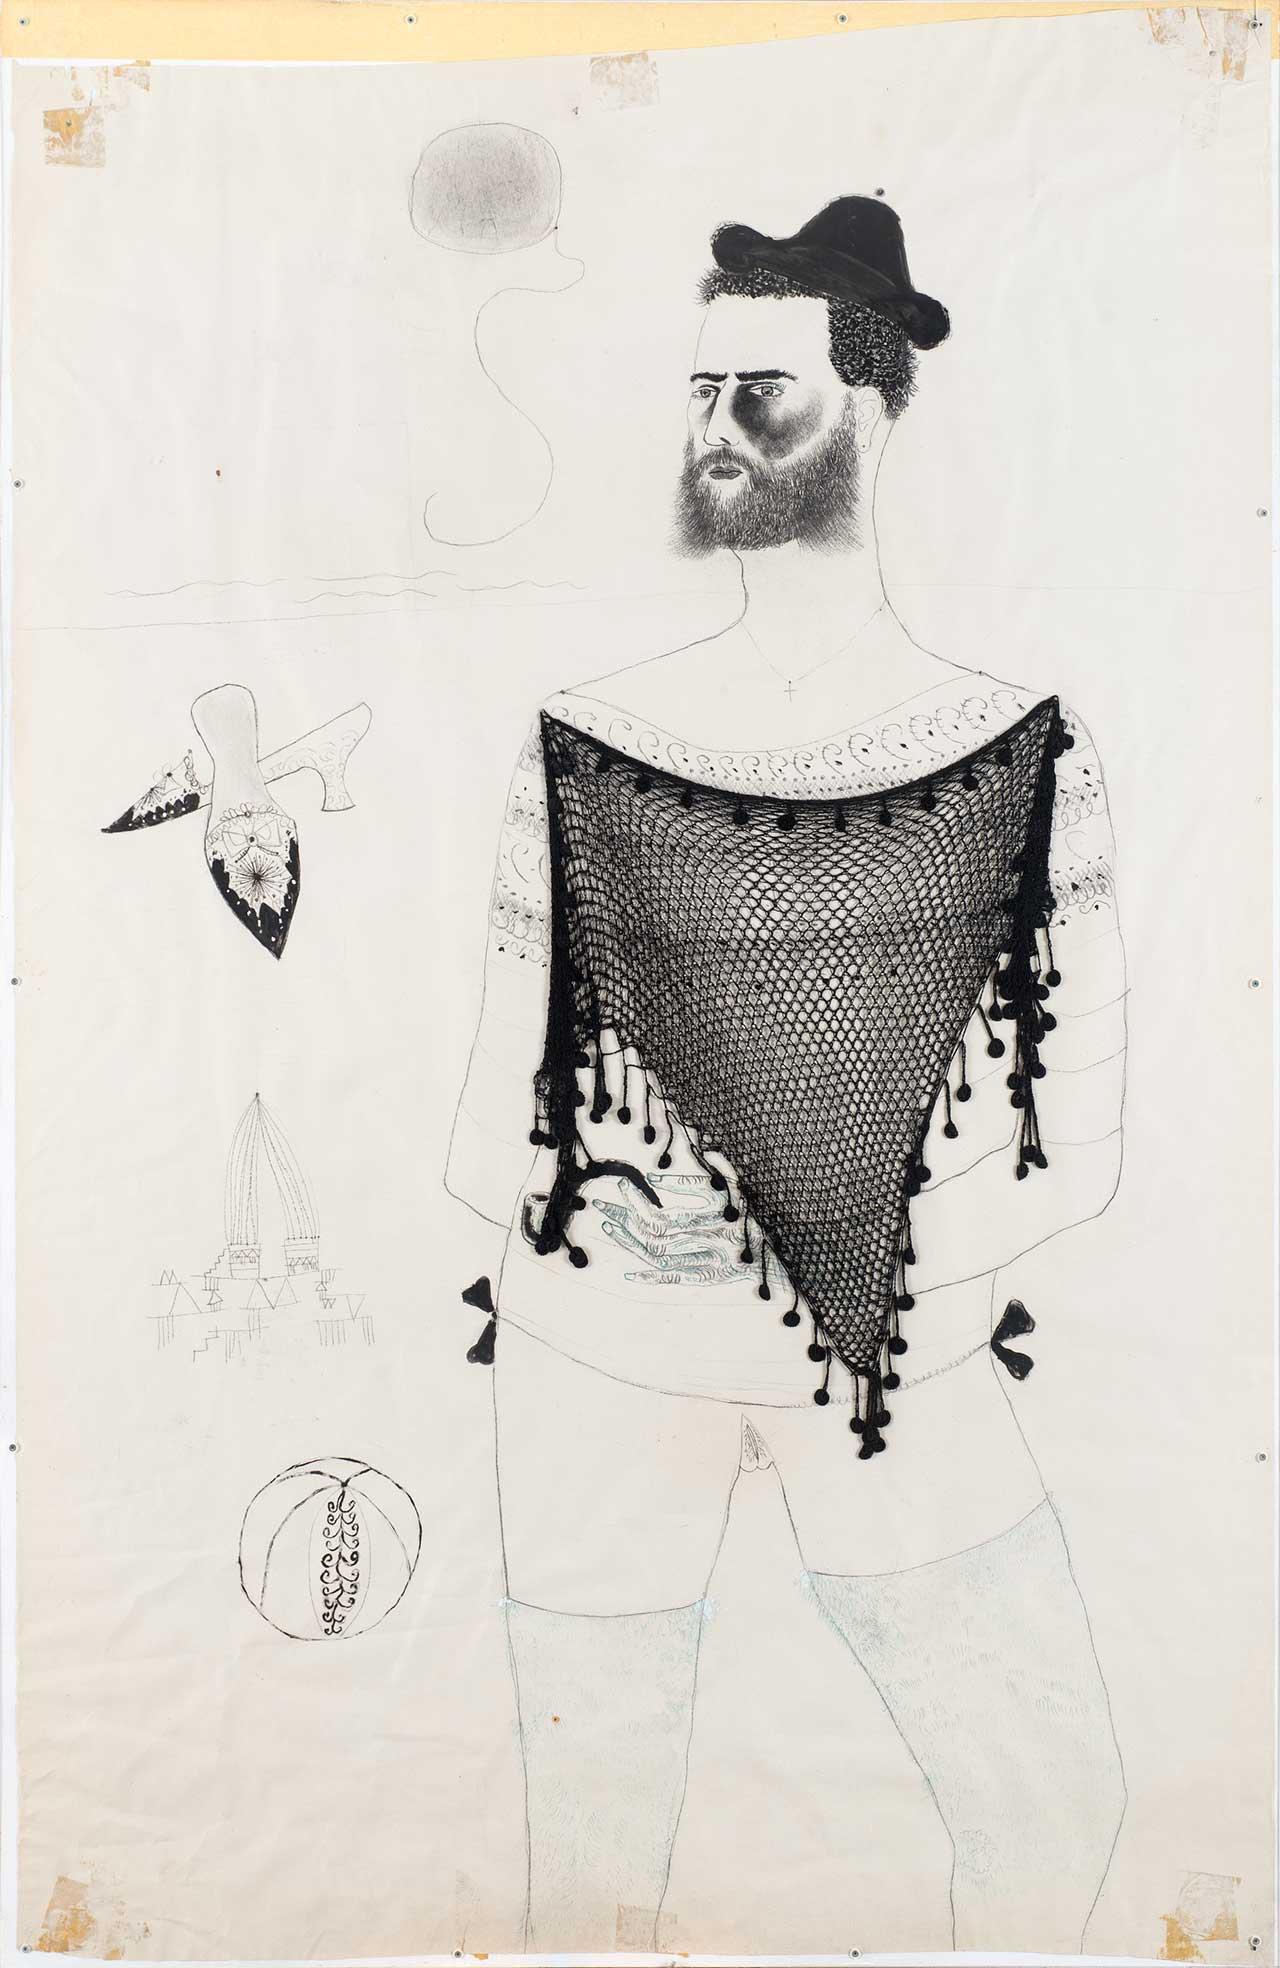 Άτιτλο, 2002-03, κάρβουνο, λάδι, κολάζ σε χαρτί, 160x100 εκ.